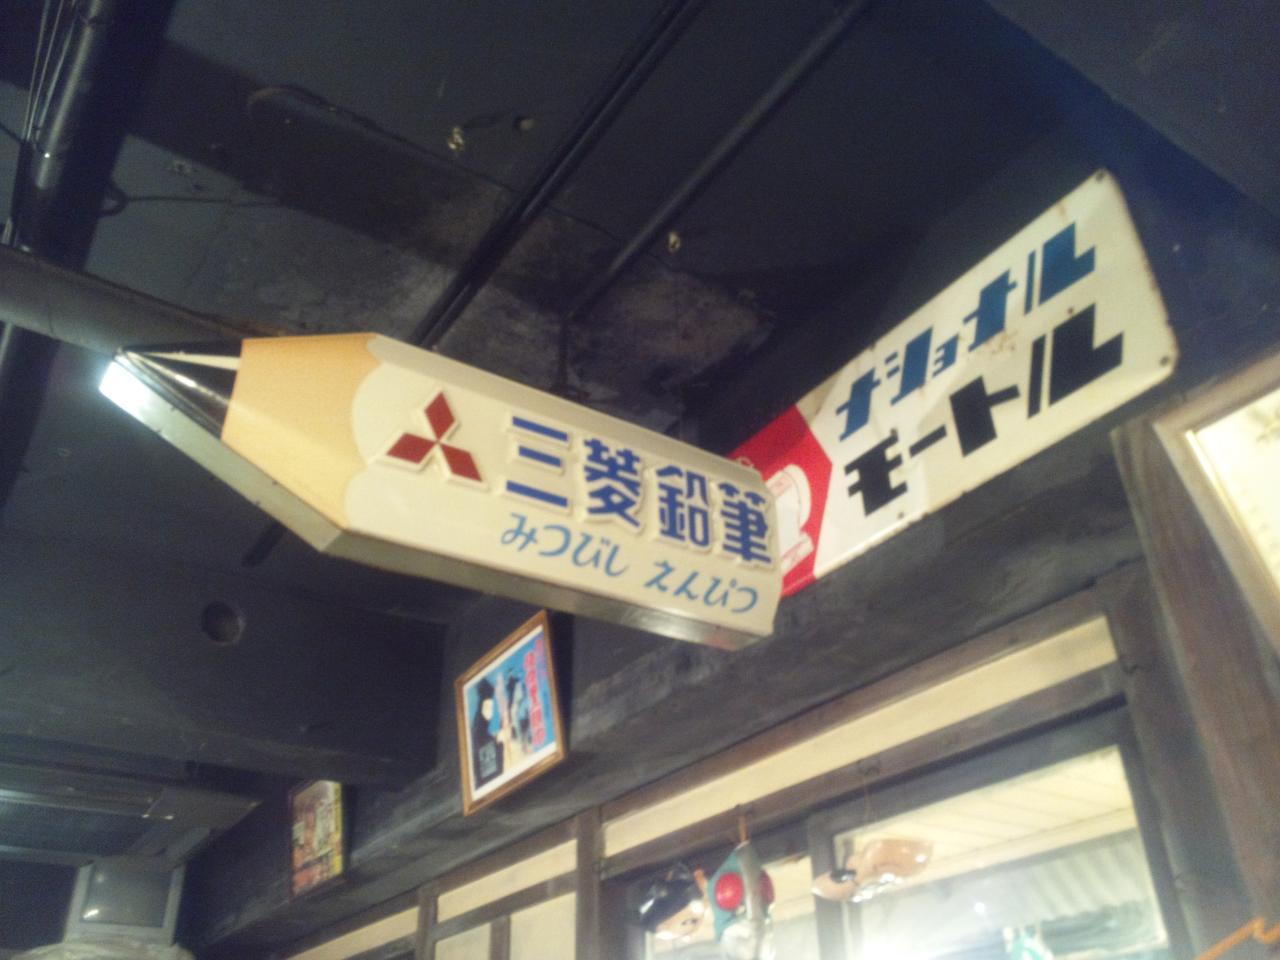 すてーき亭武蔵小金井店(店内)